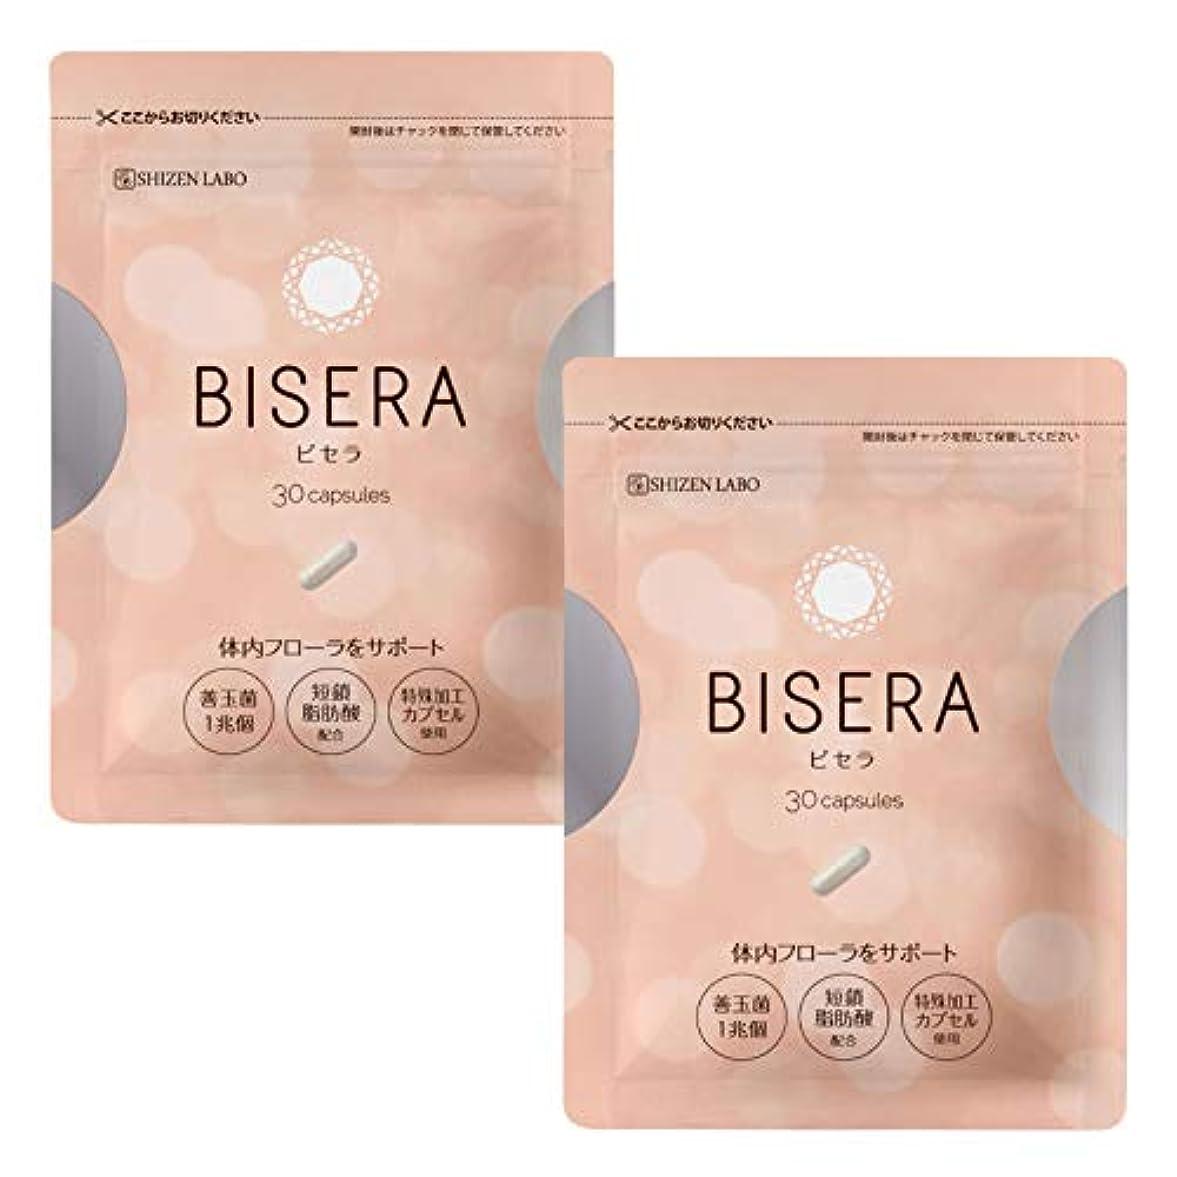 単なるバケット一方、ビセラ BISERA ダイエットサプリ (2袋セット)